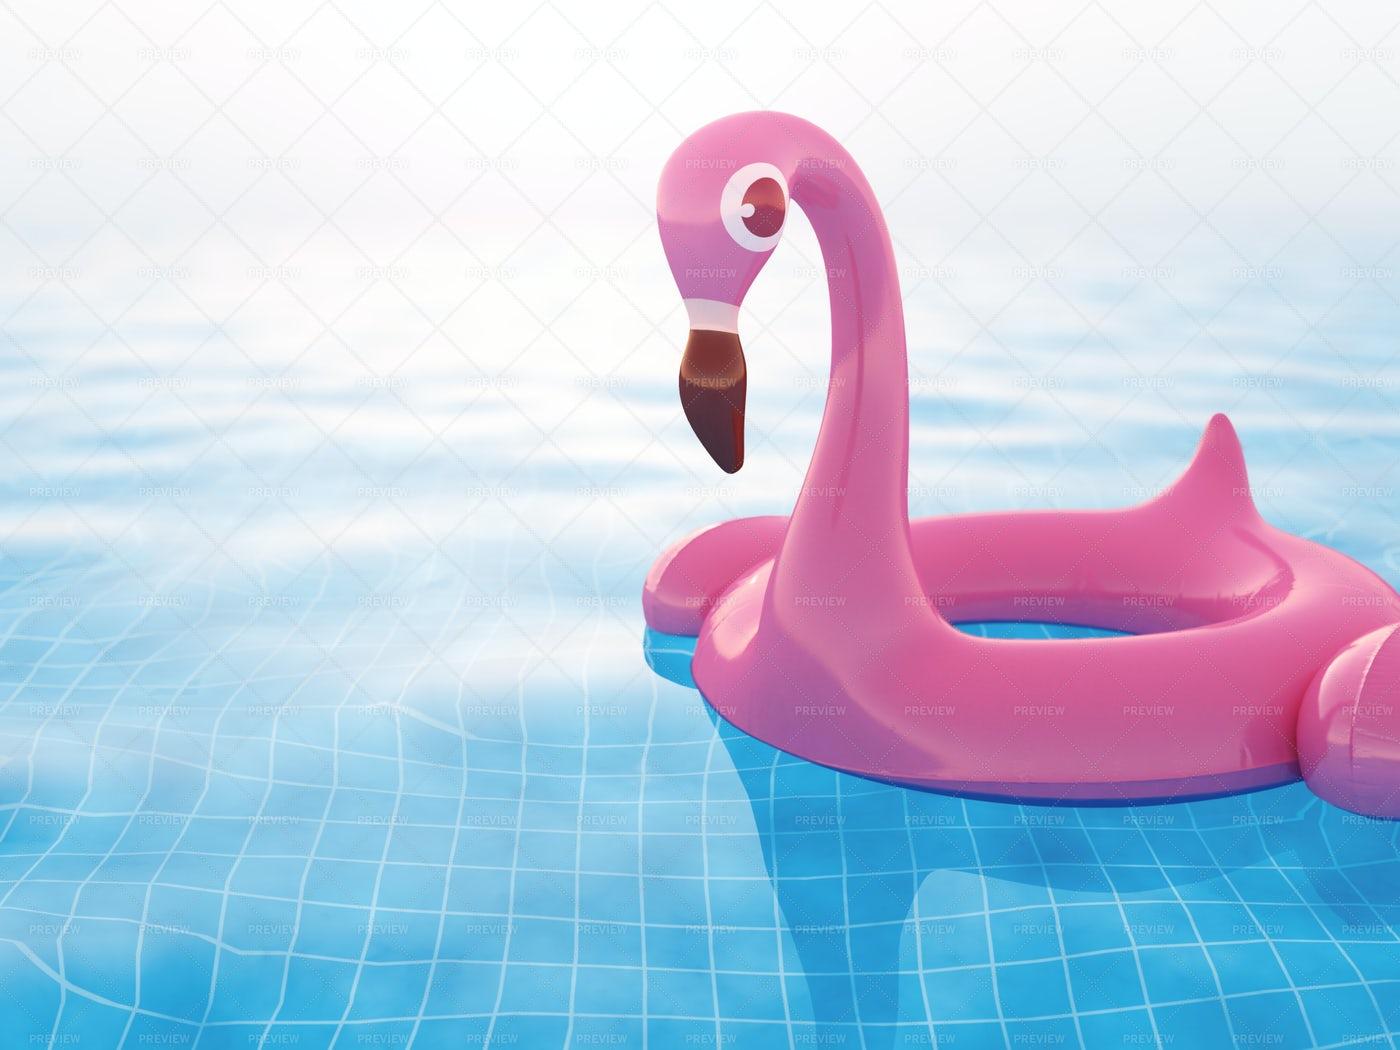 Pink Inflatable Flamingo: Stock Photos